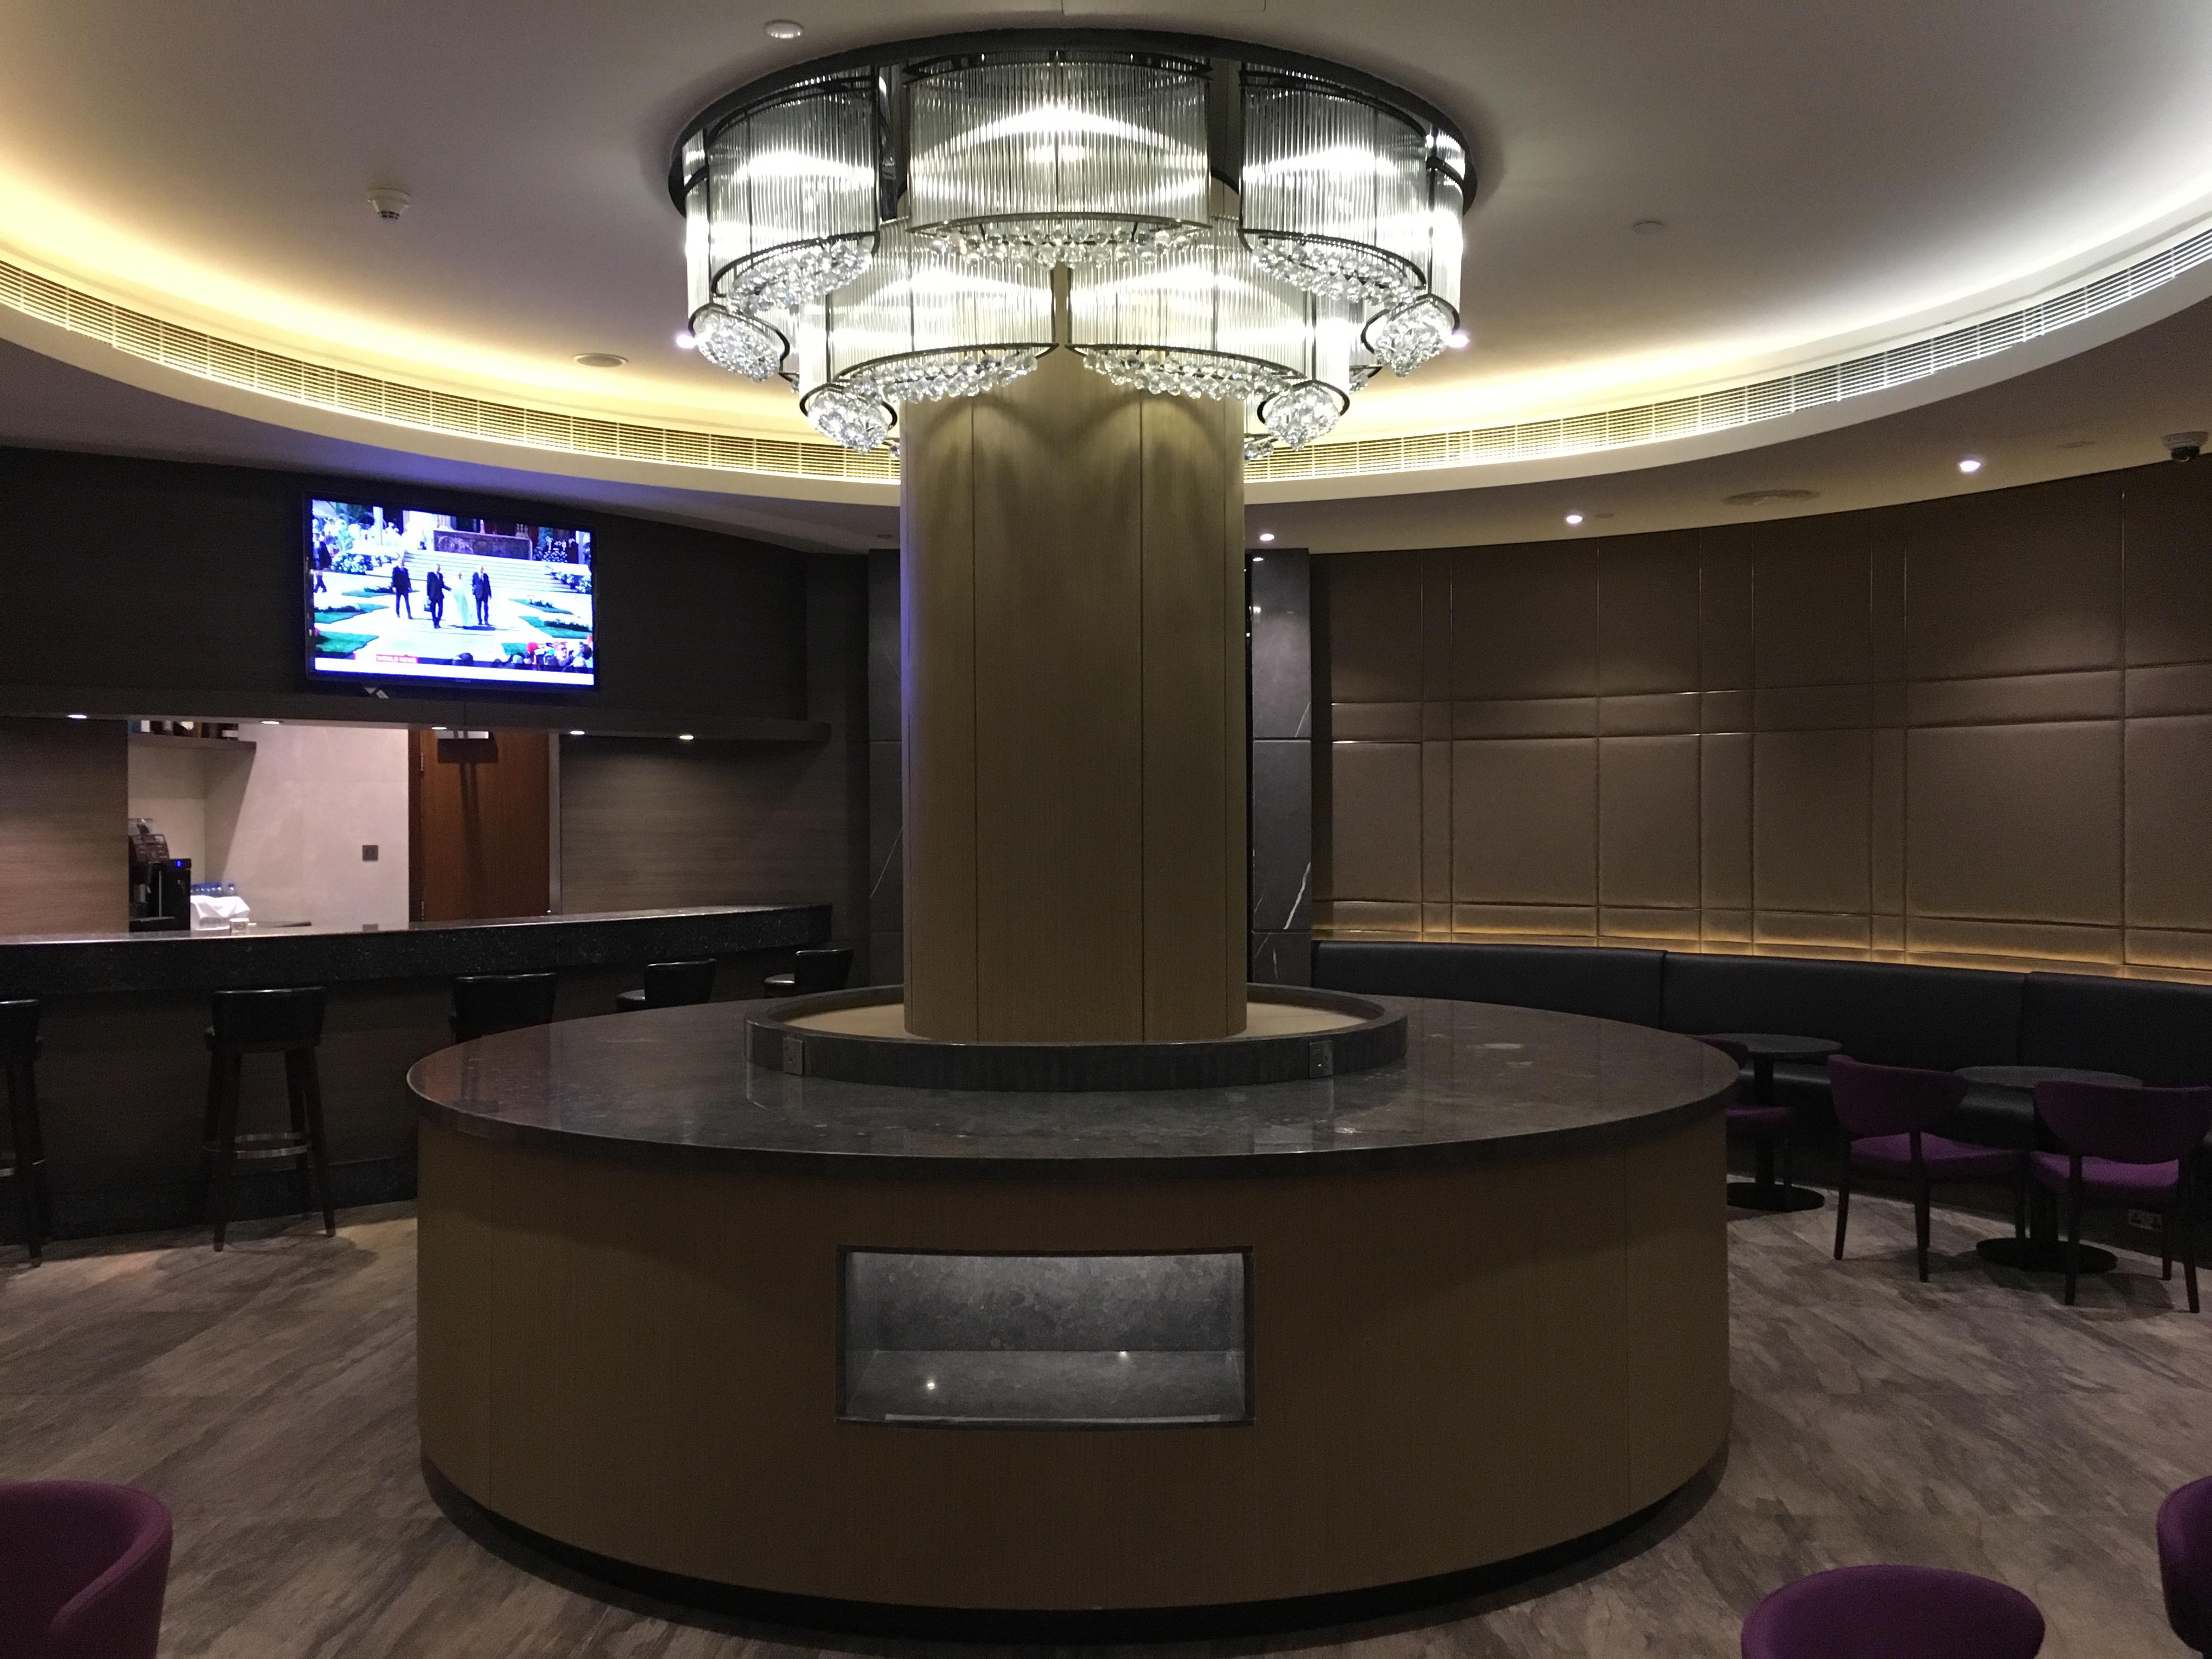 Lounge Review : アブダビ空港(AUH) アルダビラウンジ(Al Dhabi Lounge)